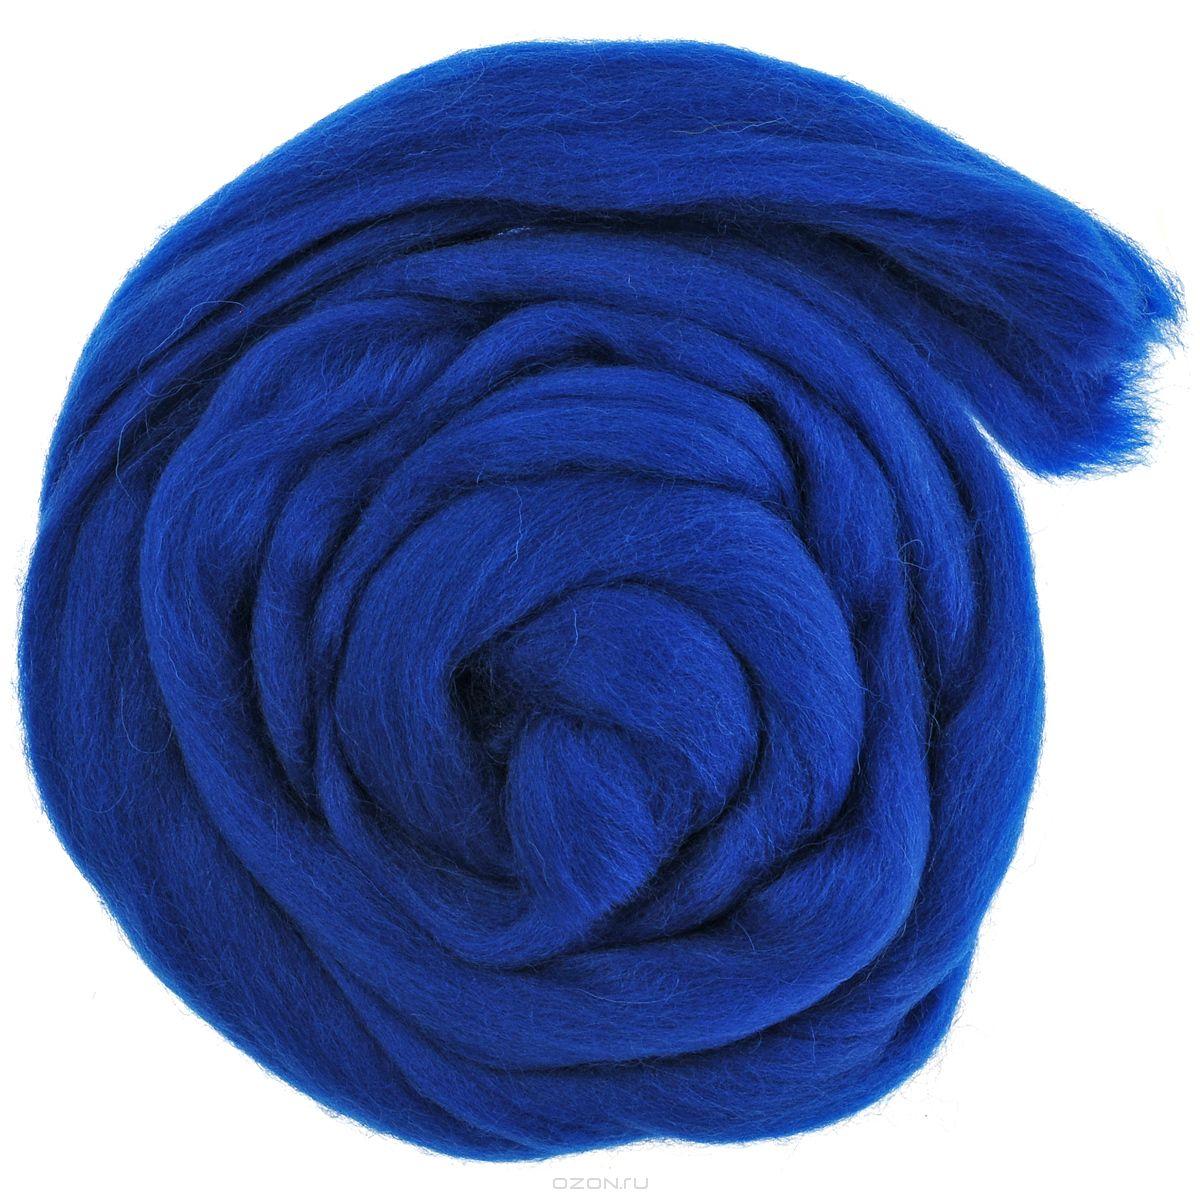 Шерсть для валяния Астра, тонкая, цвет: василек (0175), 100 г366137_0175Тонкая шерсть для валяния Астра идеально подходит для сухого и мокрого валяния. Шерсть не линяет и не вызывает аллергию. Выполнена из 100% натурального материала. Валяние шерсти - это особая техника рукоделия, в процессе которой из шерсти для валяния создается рисунок на ткани или войлоке, объемные игрушки, панно, декоративные элементы, предметы одежды или аксессуары. Только натуральная шерсть обладает способностью сваливаться или свойлачиваться.